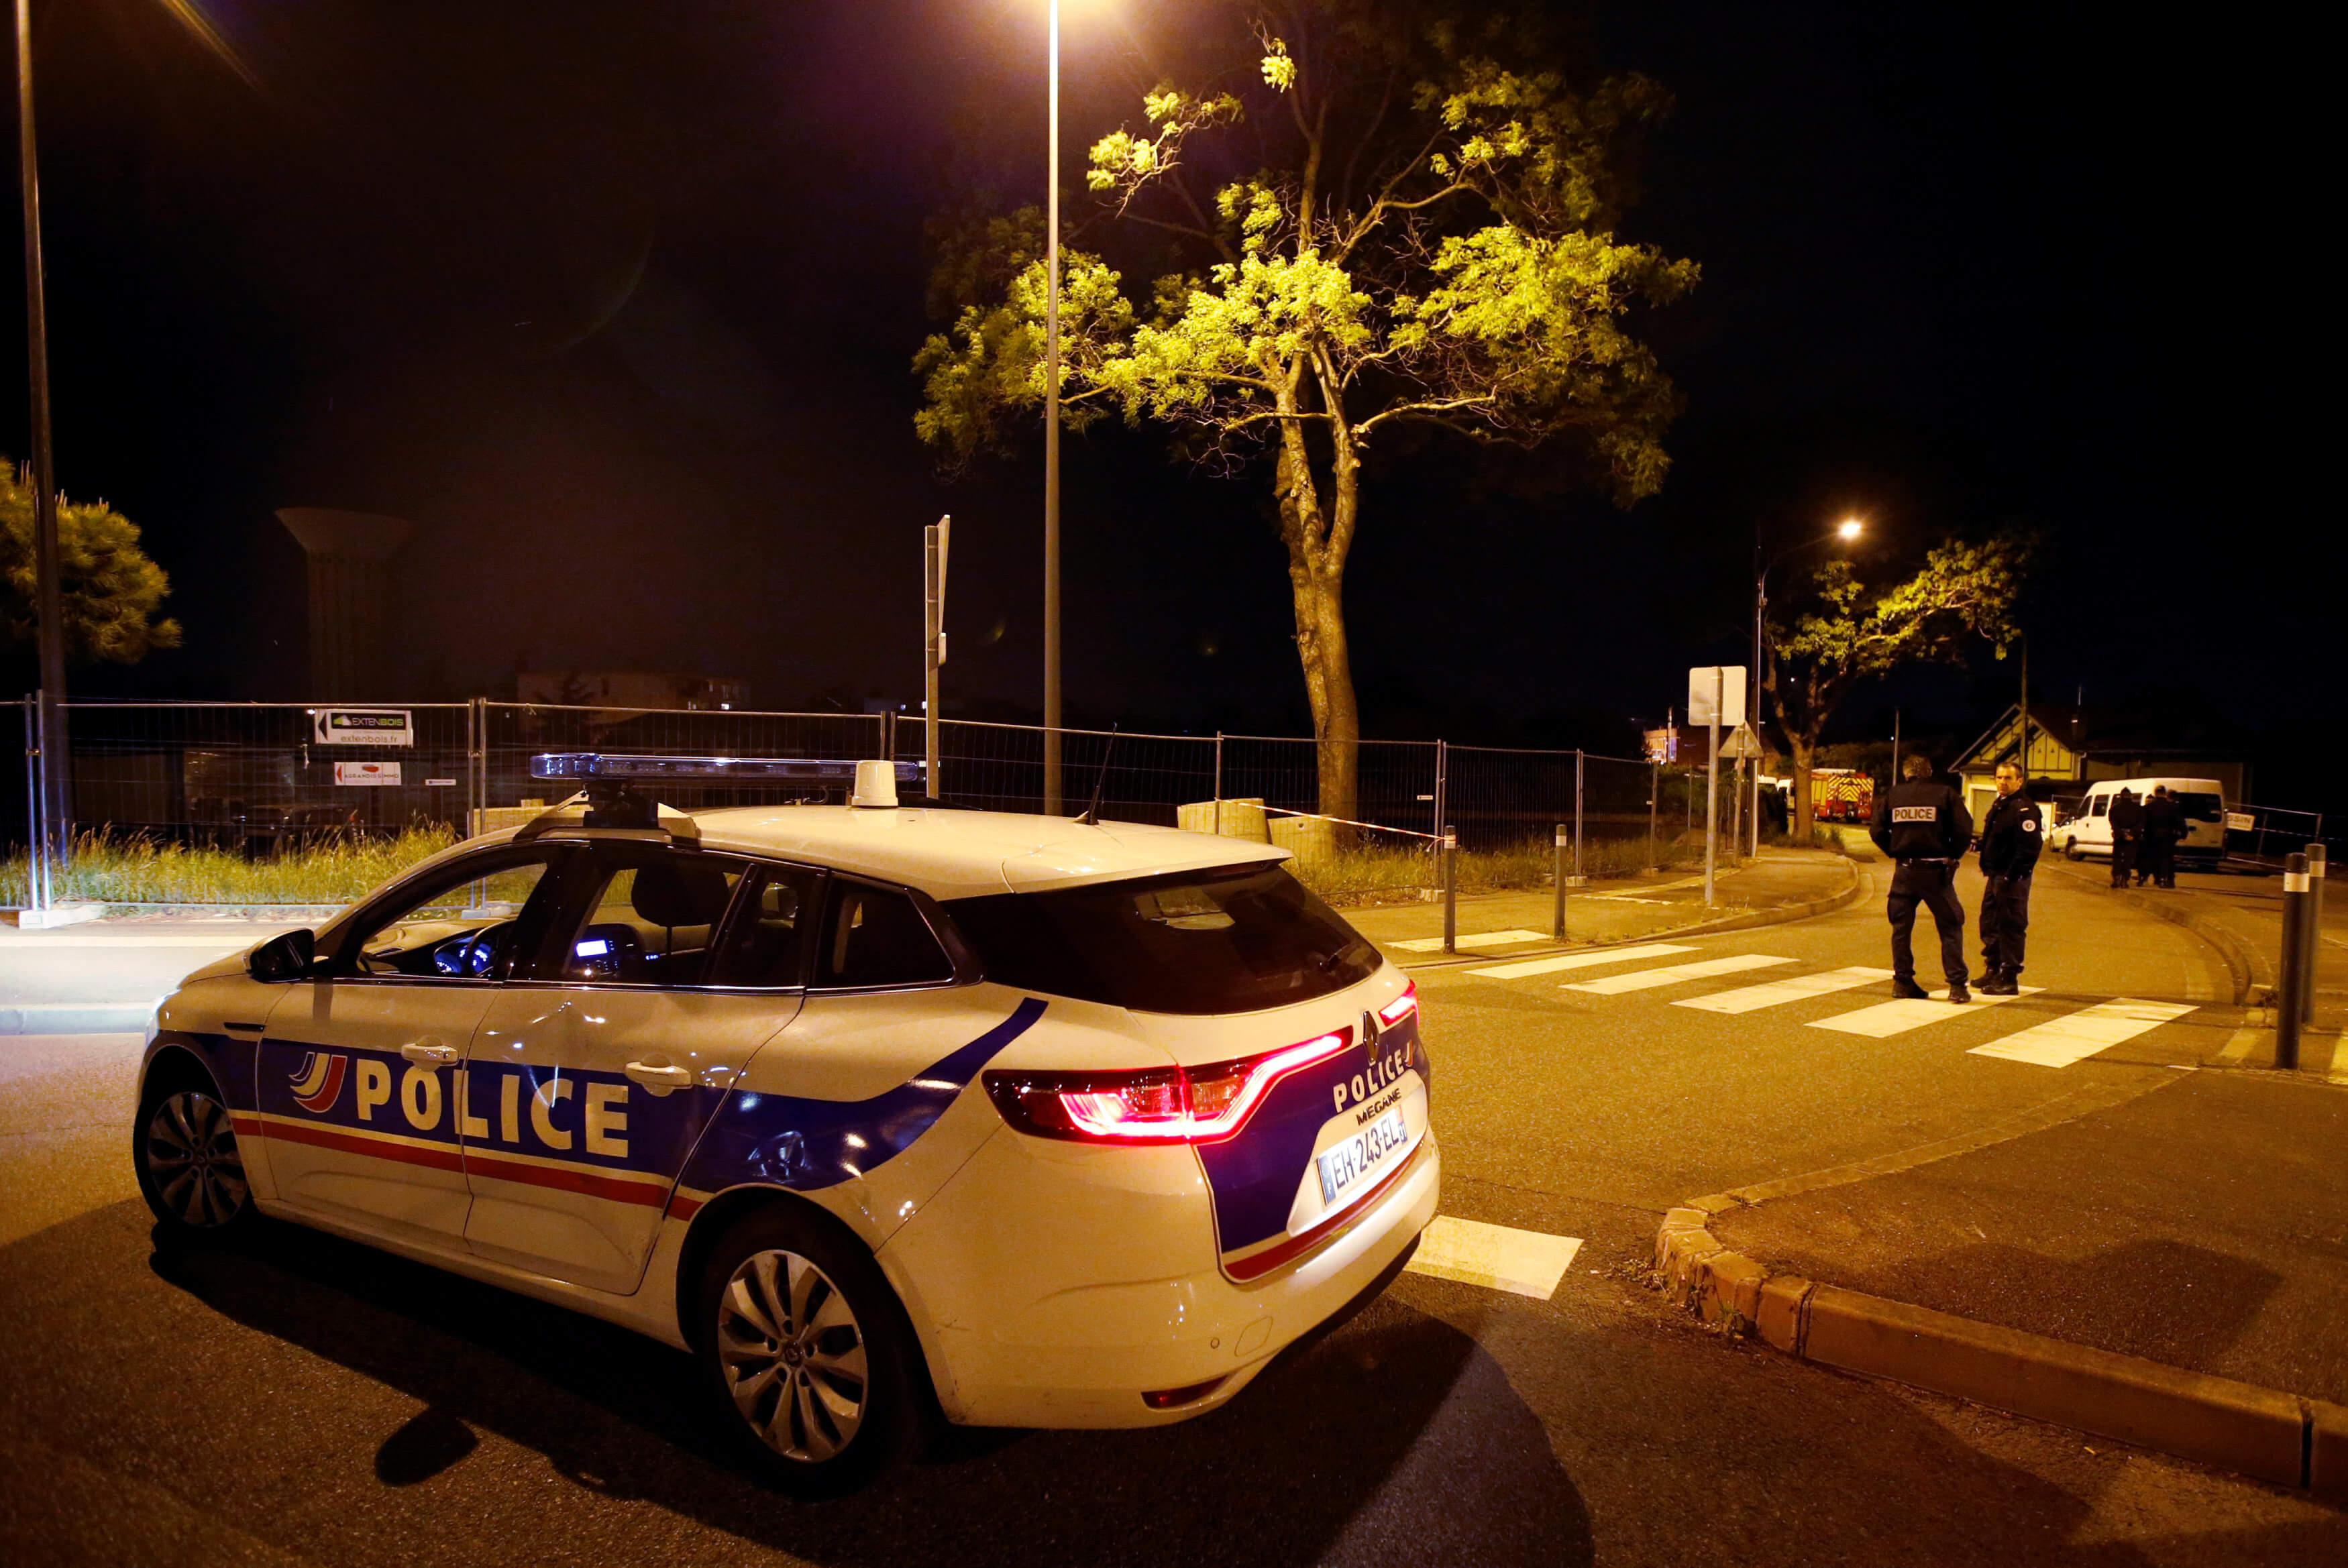 Μακελειό στη Γαλλία: 48χρονος σκότωσε τρεις αστυνομικούς – Κρατούσε όμηρο τη γυναίκα του